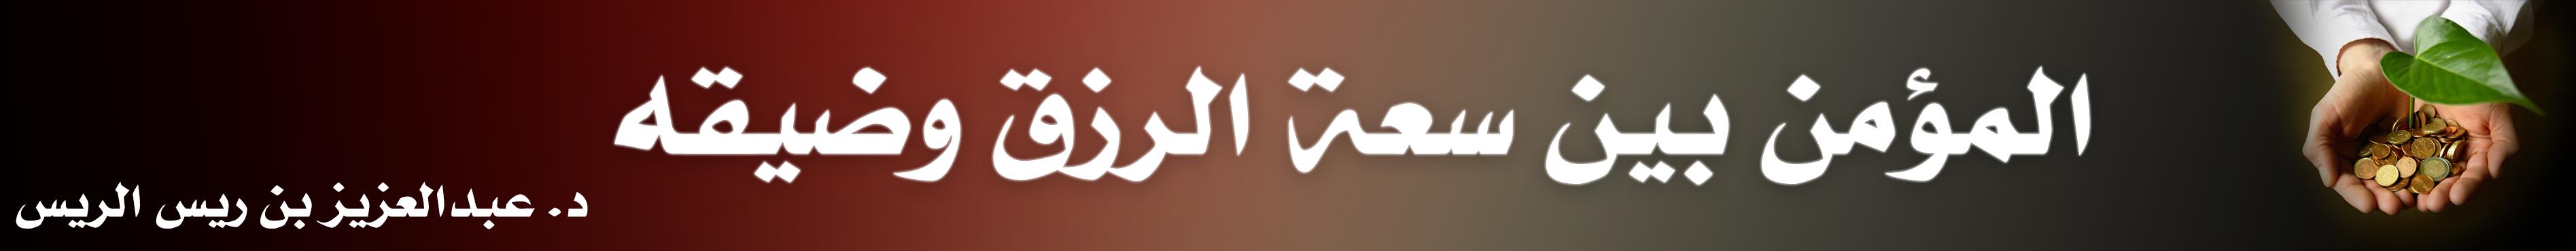 المؤمن بين سعة الرزق وضيقه